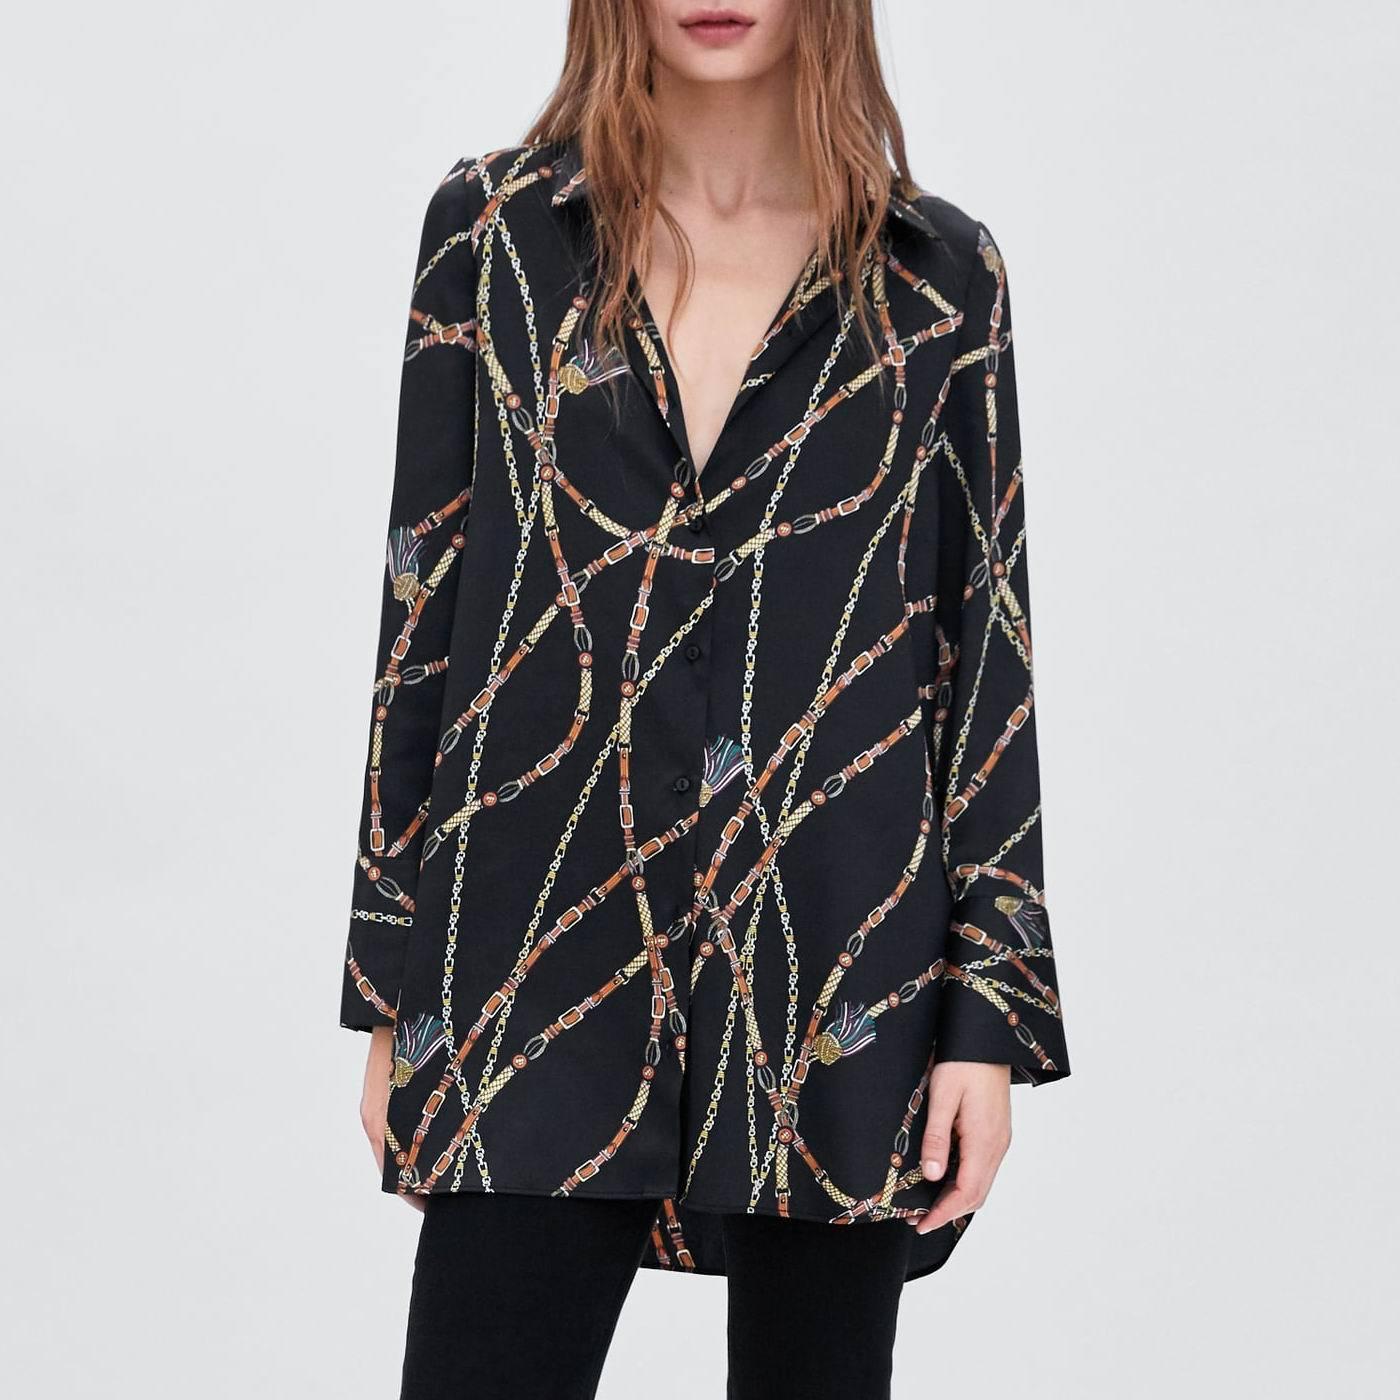 Áo sơ mi nữ châu Âu và phong cách châu Âu 2018 mùa thu mới cung cấp áo sơ mi nữ giản dị in OYK8716